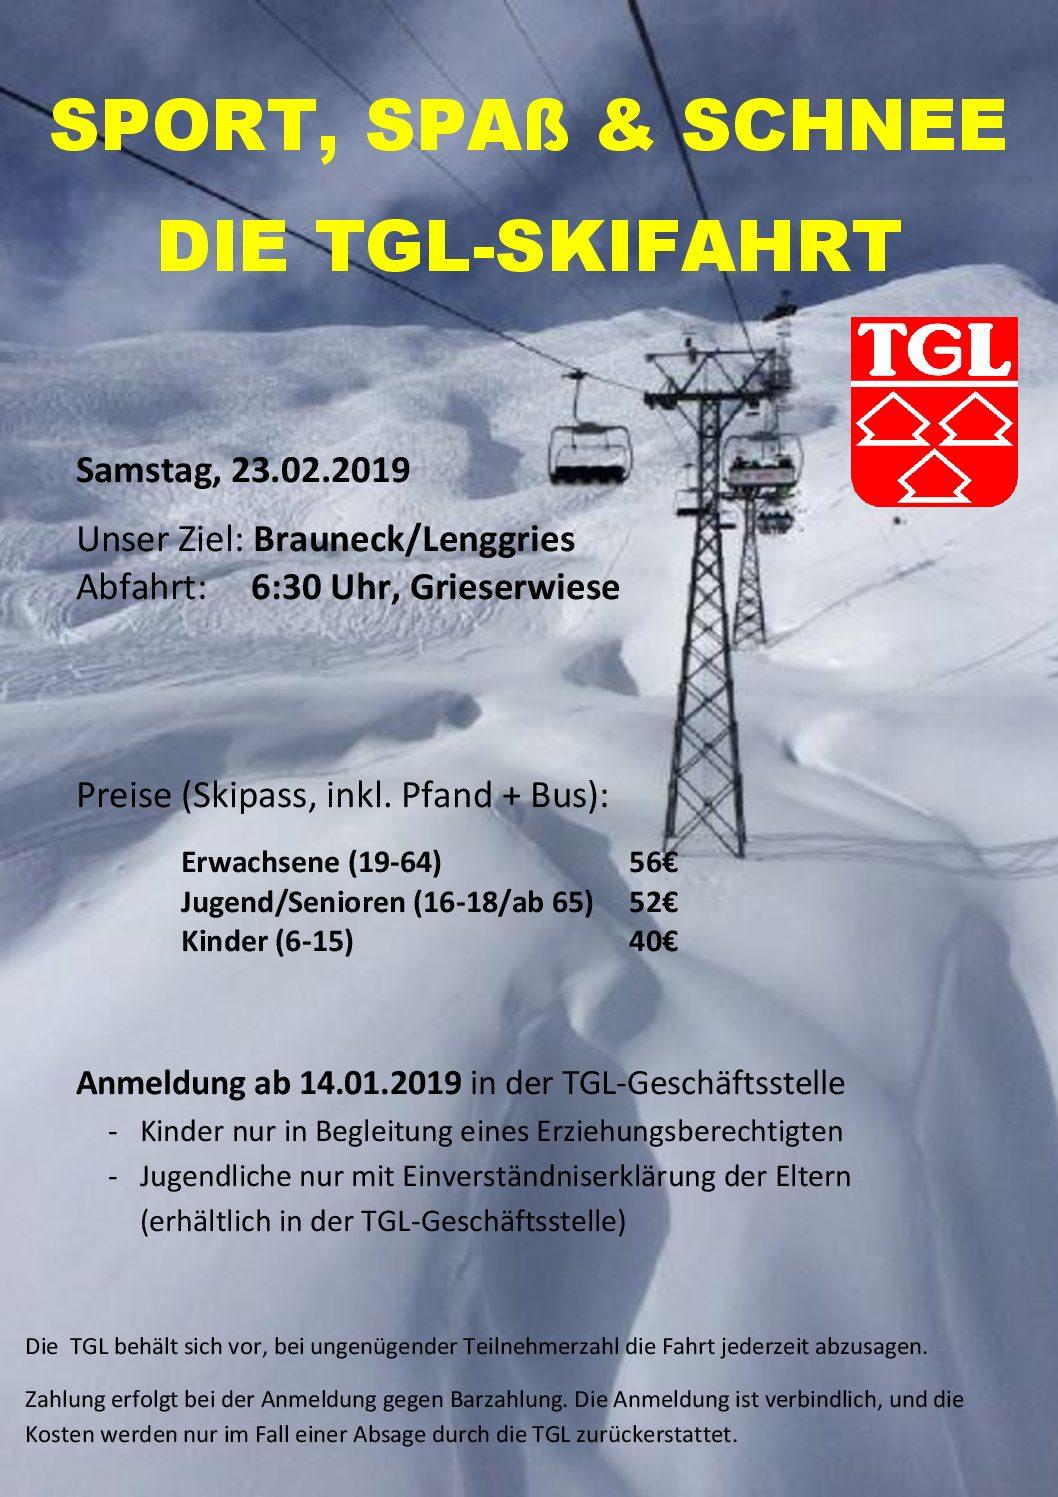 Skifahrt der TGL – Anmeldung in der Geschäftsstelle